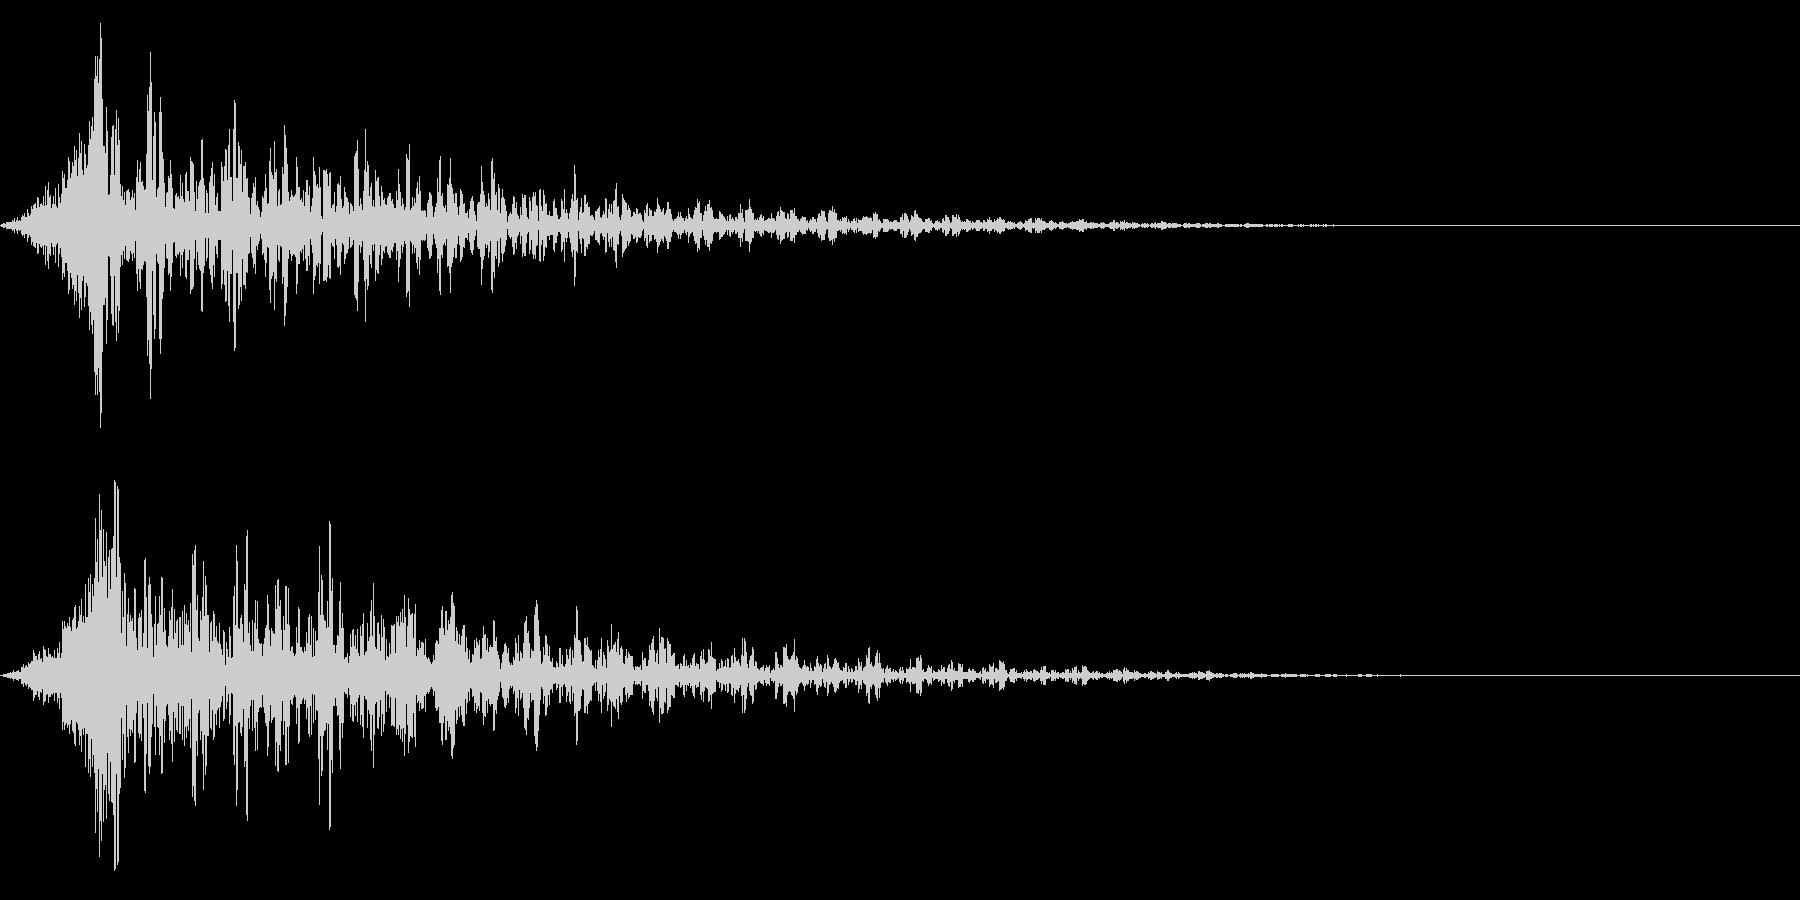 ホラー系アタック音96の未再生の波形